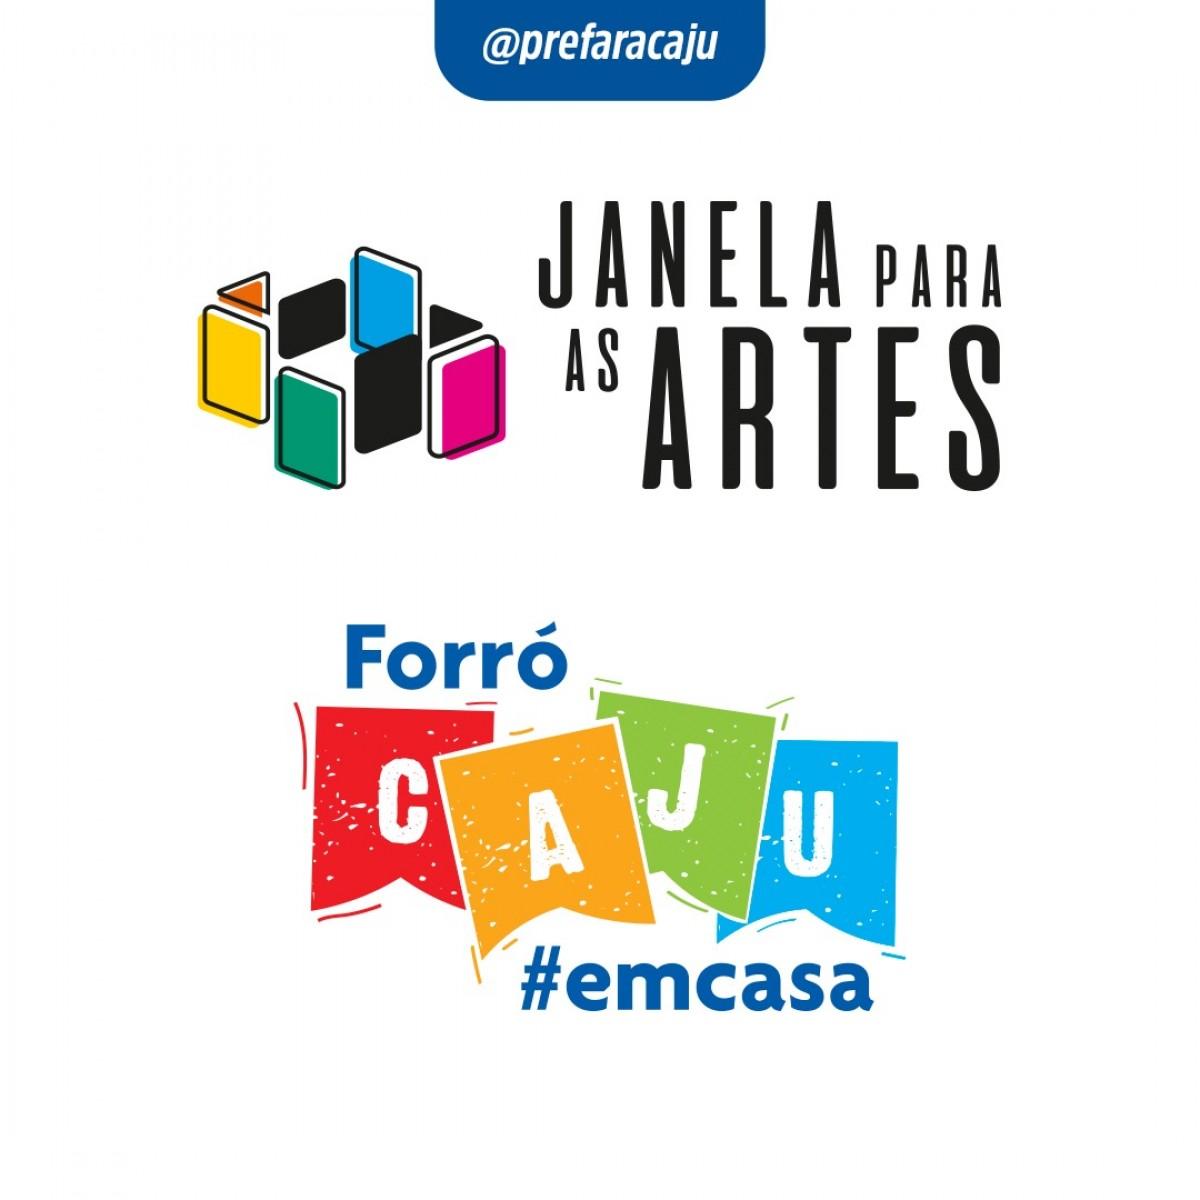 Prefeitura de Aracaju abre inscrições dos programas Janela para as Artes e Forró Caju em Casa (Imagem: Prefeitura de Aracaju)